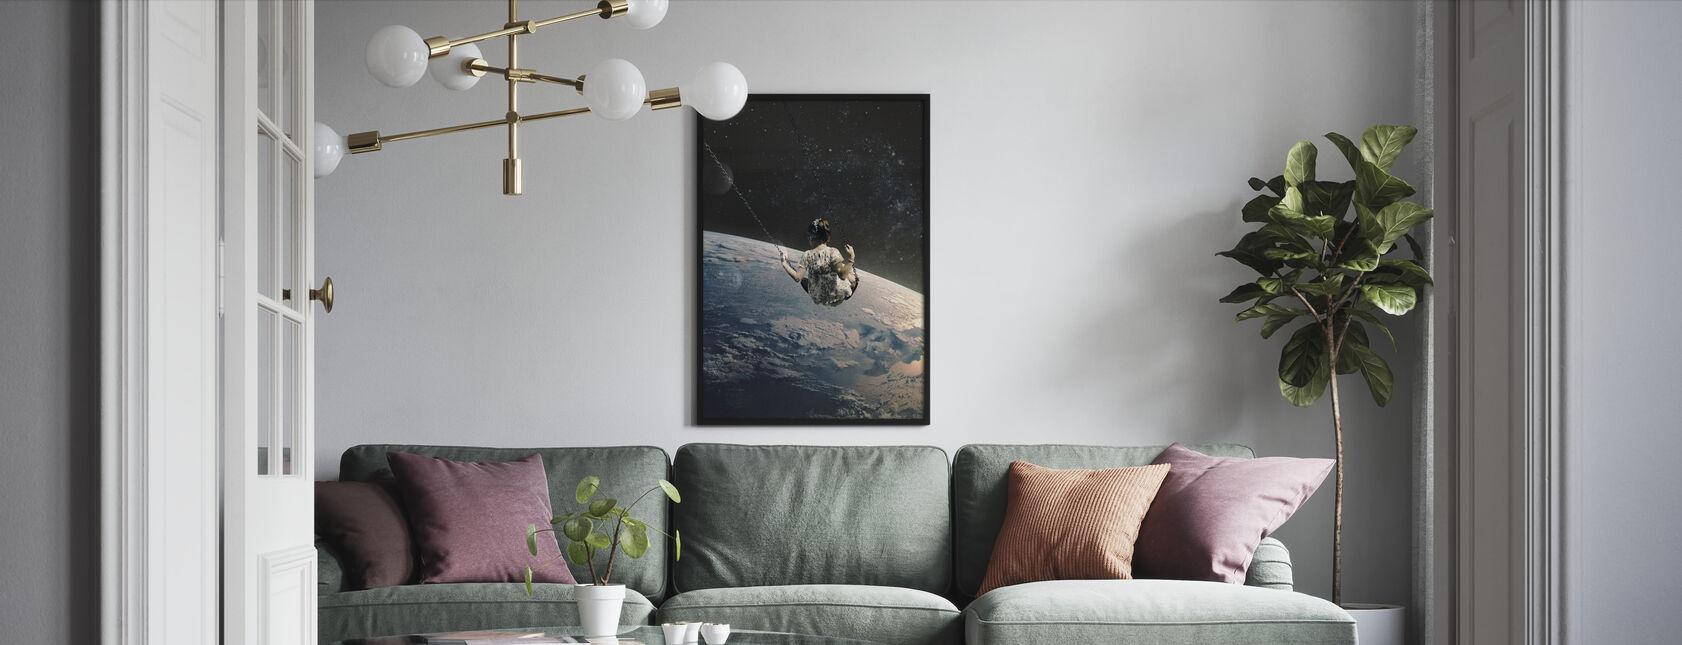 Schaukel - Gerahmtes bild - Wohnzimmer